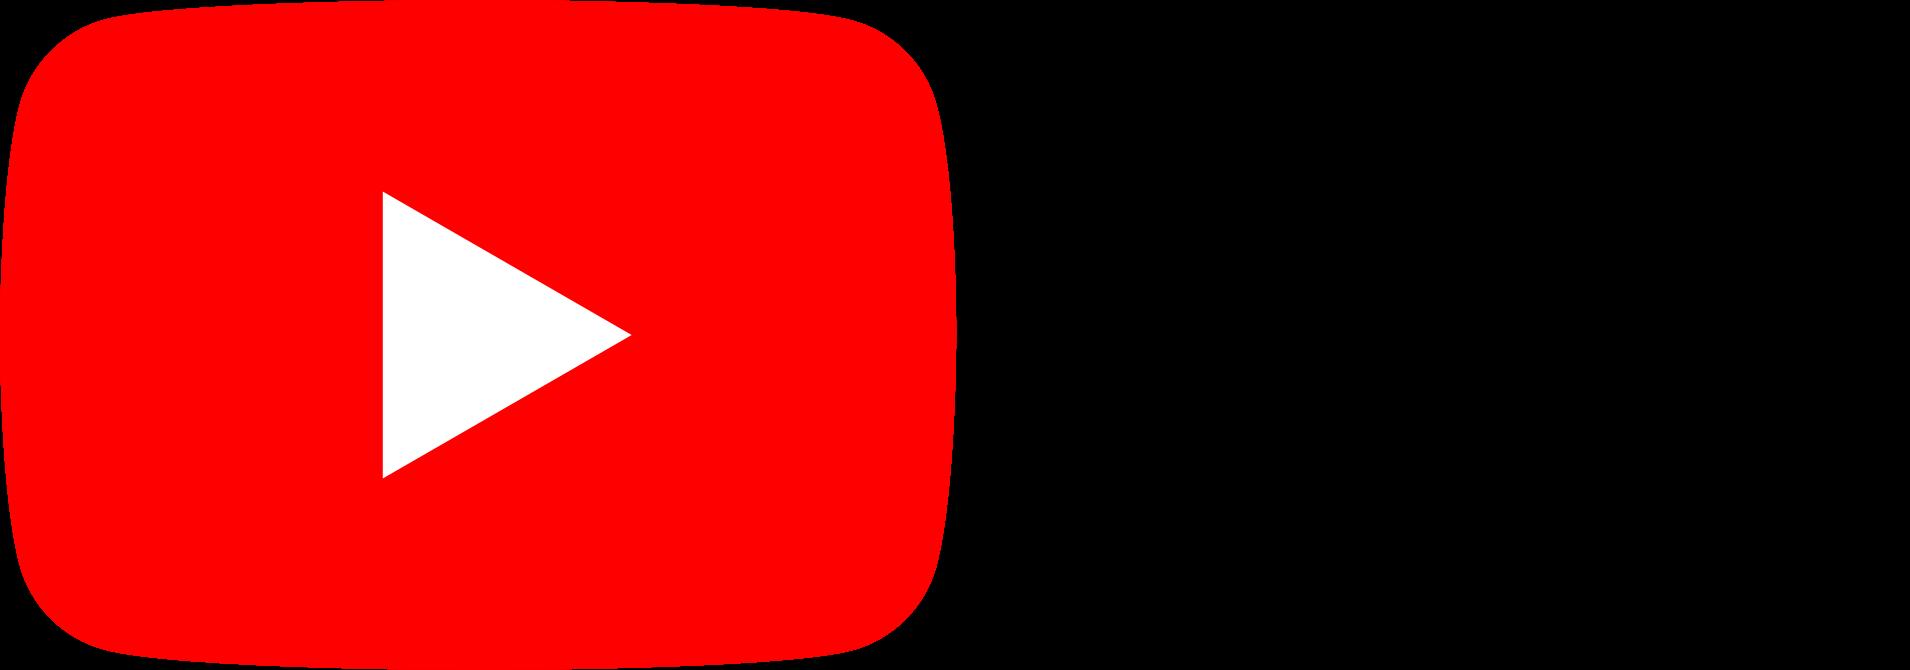 Youtube red Logos.